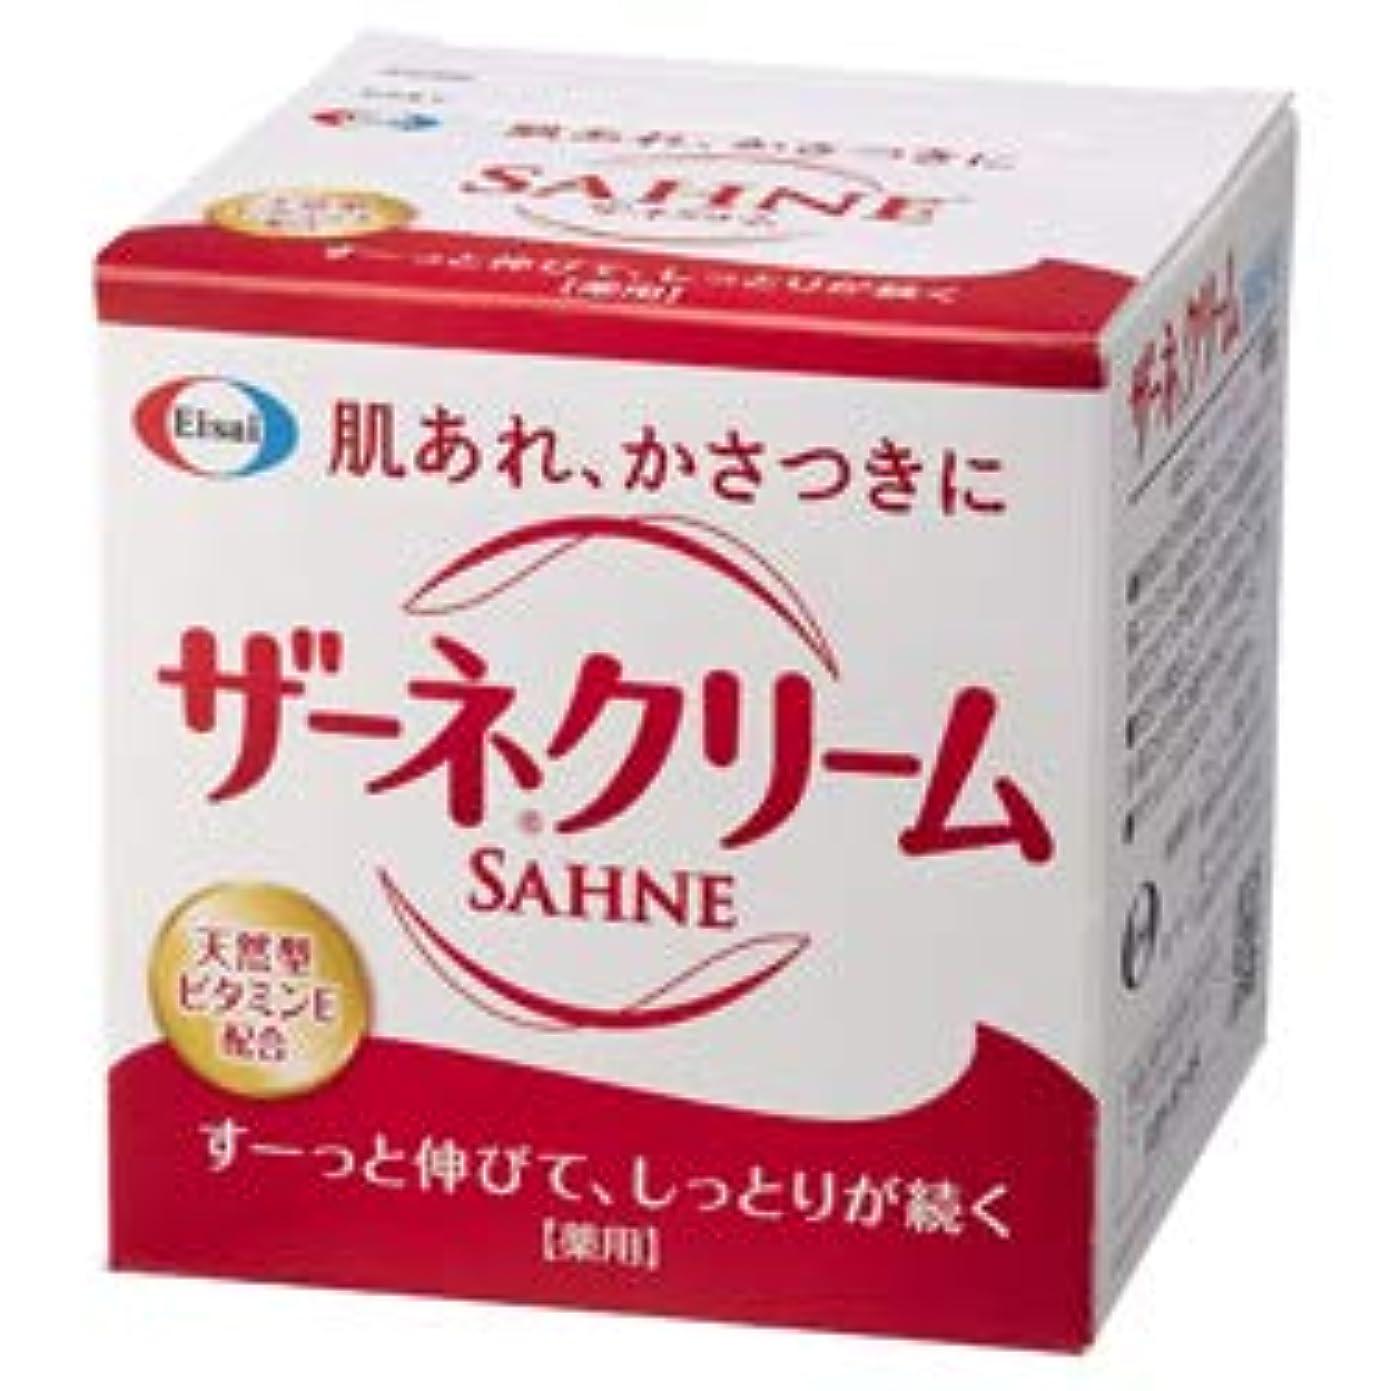 補償汚い甘美な【エーザイ】ザーネクリーム 100g(医薬部外品) ×5個セット